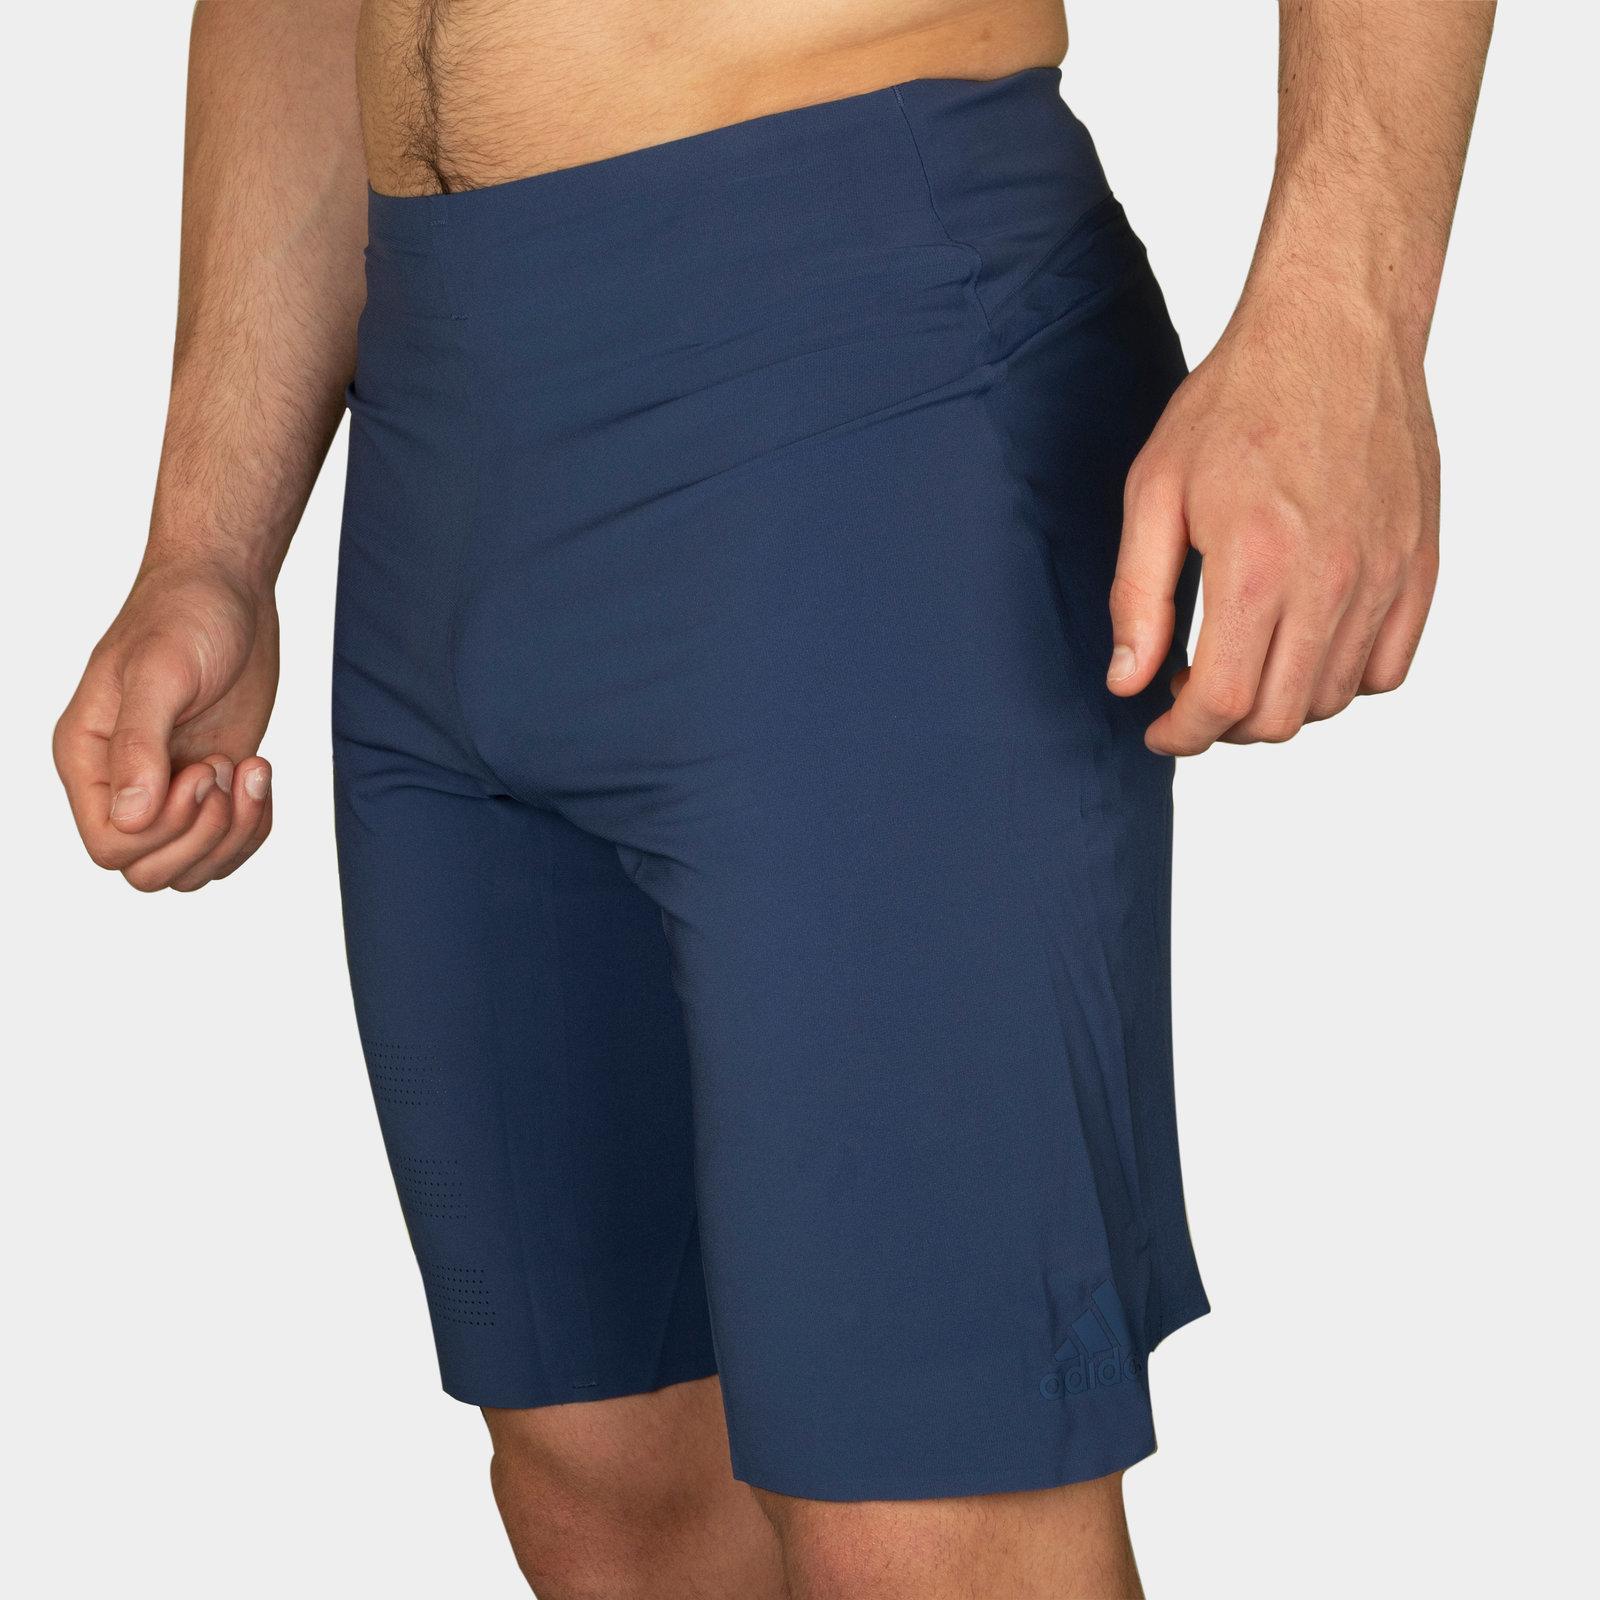 Image of 4KRFT Climalite Elite Training Shorts